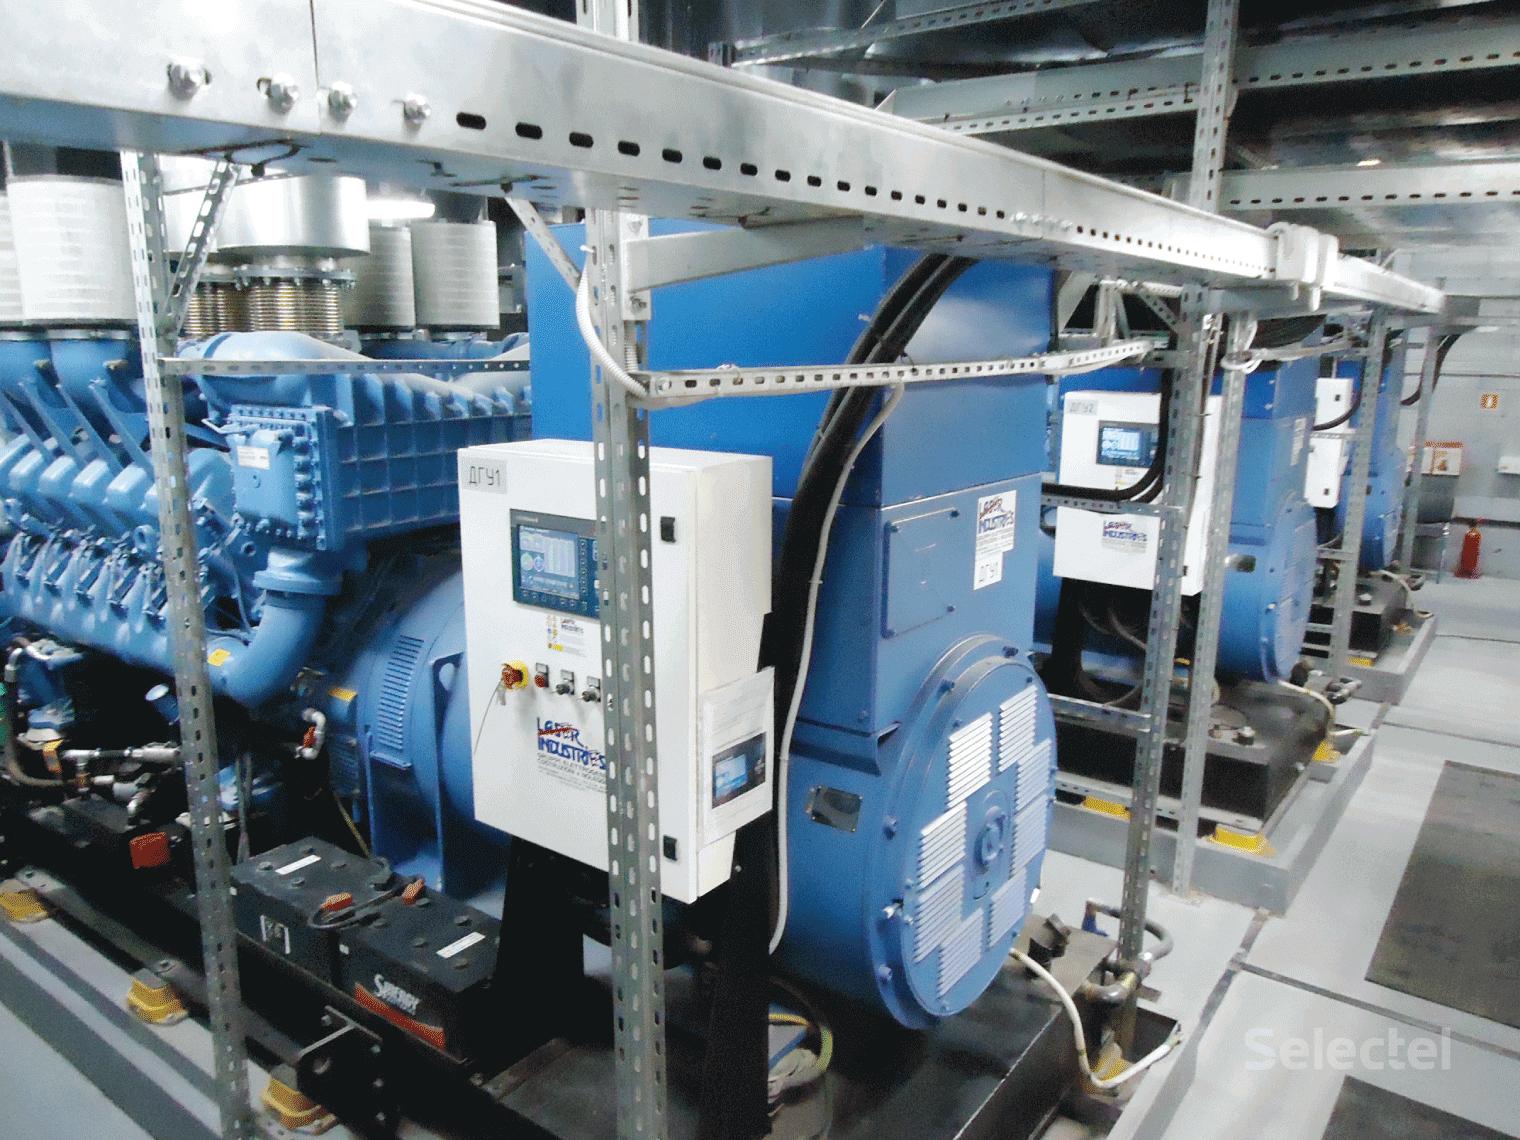 автоматика АВР (автоматического ввода резерва) запускает в отдельном помещении три ДГУ мощностью 1800 кВА каждая,